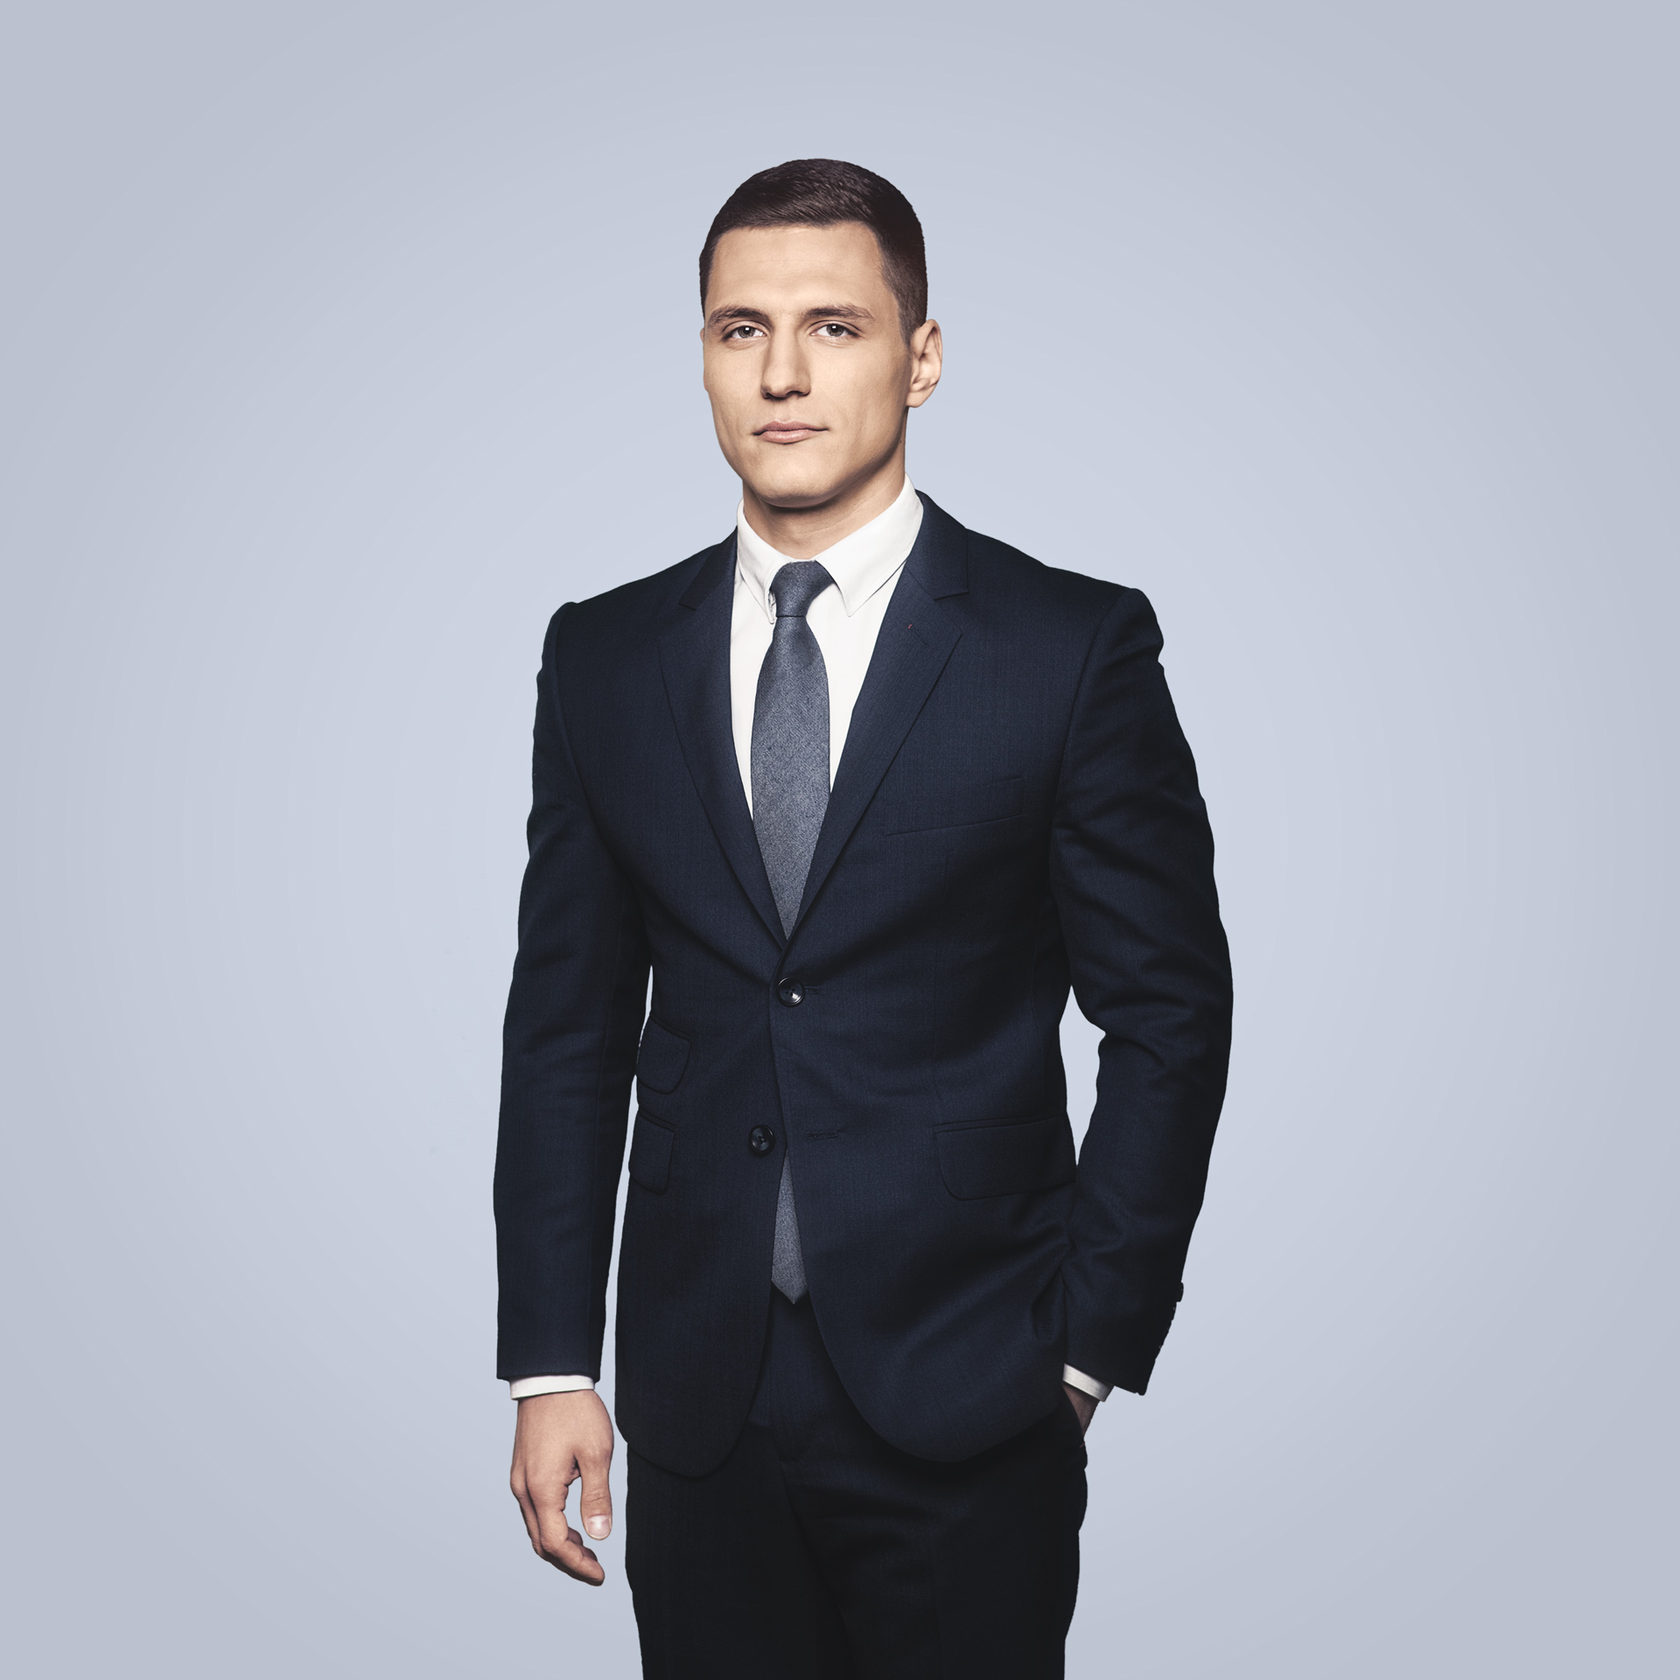 Іващук Богдан